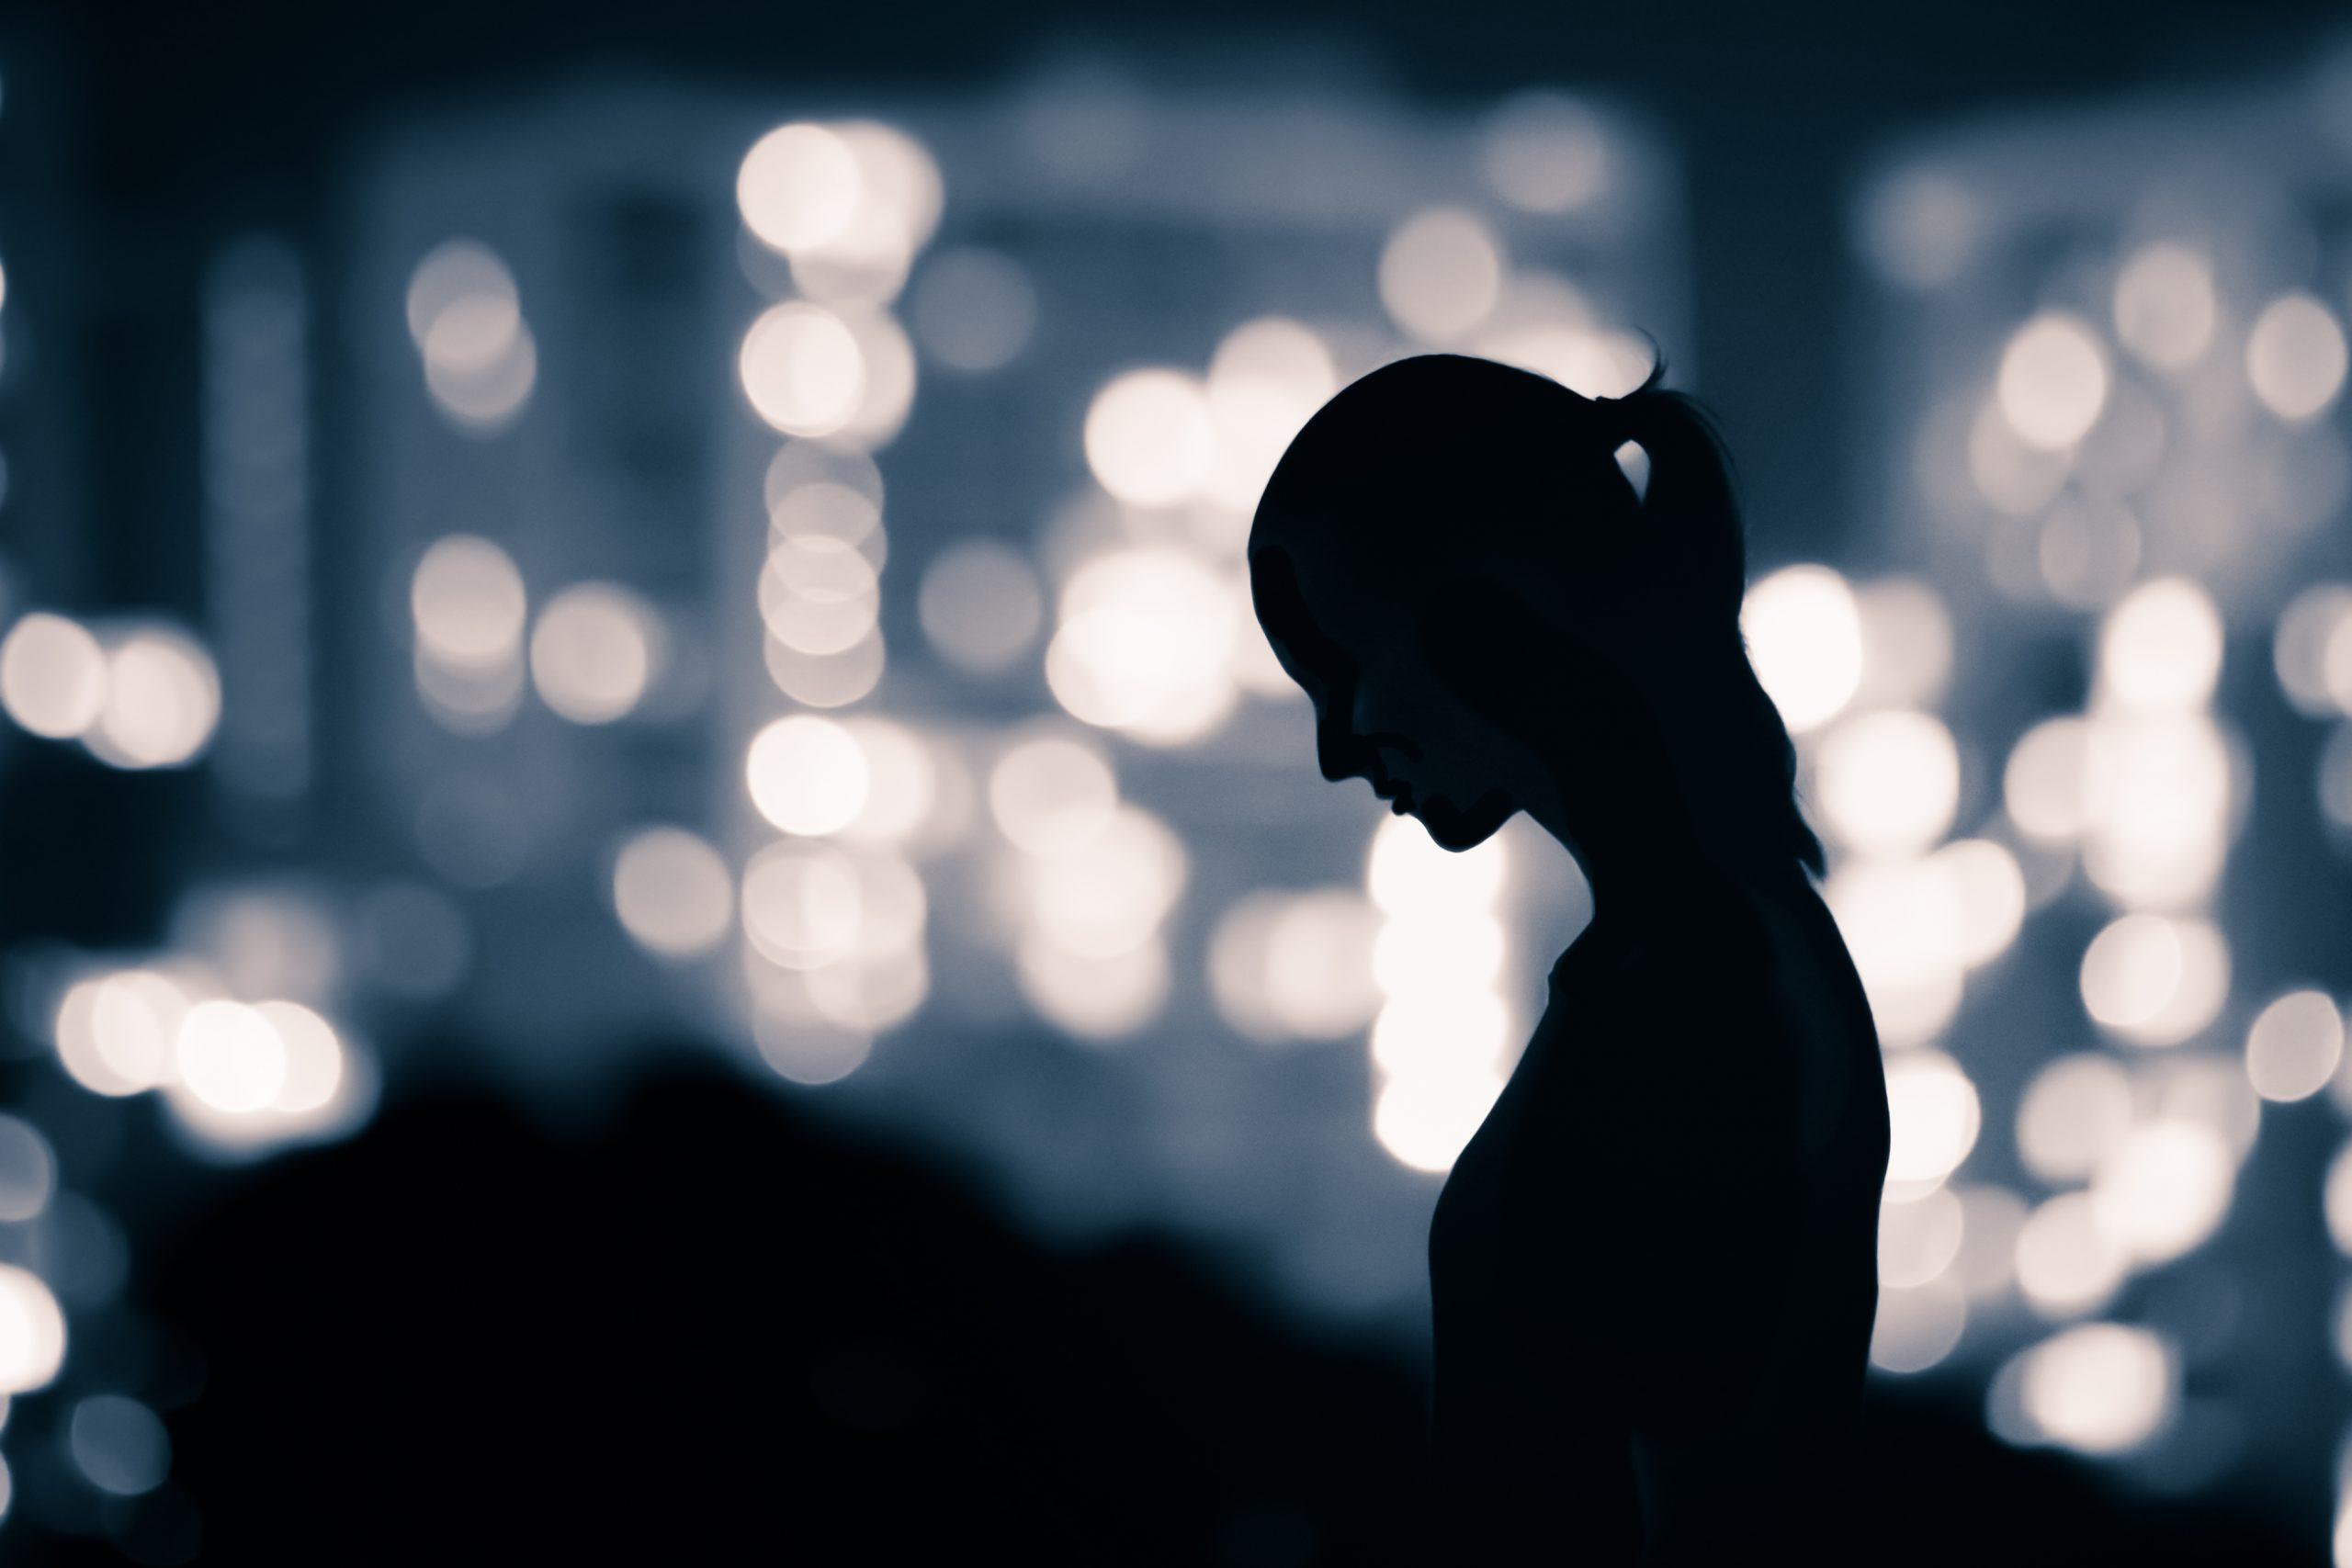 木下レオンの恋愛占い 全員に優しい彼◆『私は、特別な存在になれてる?』